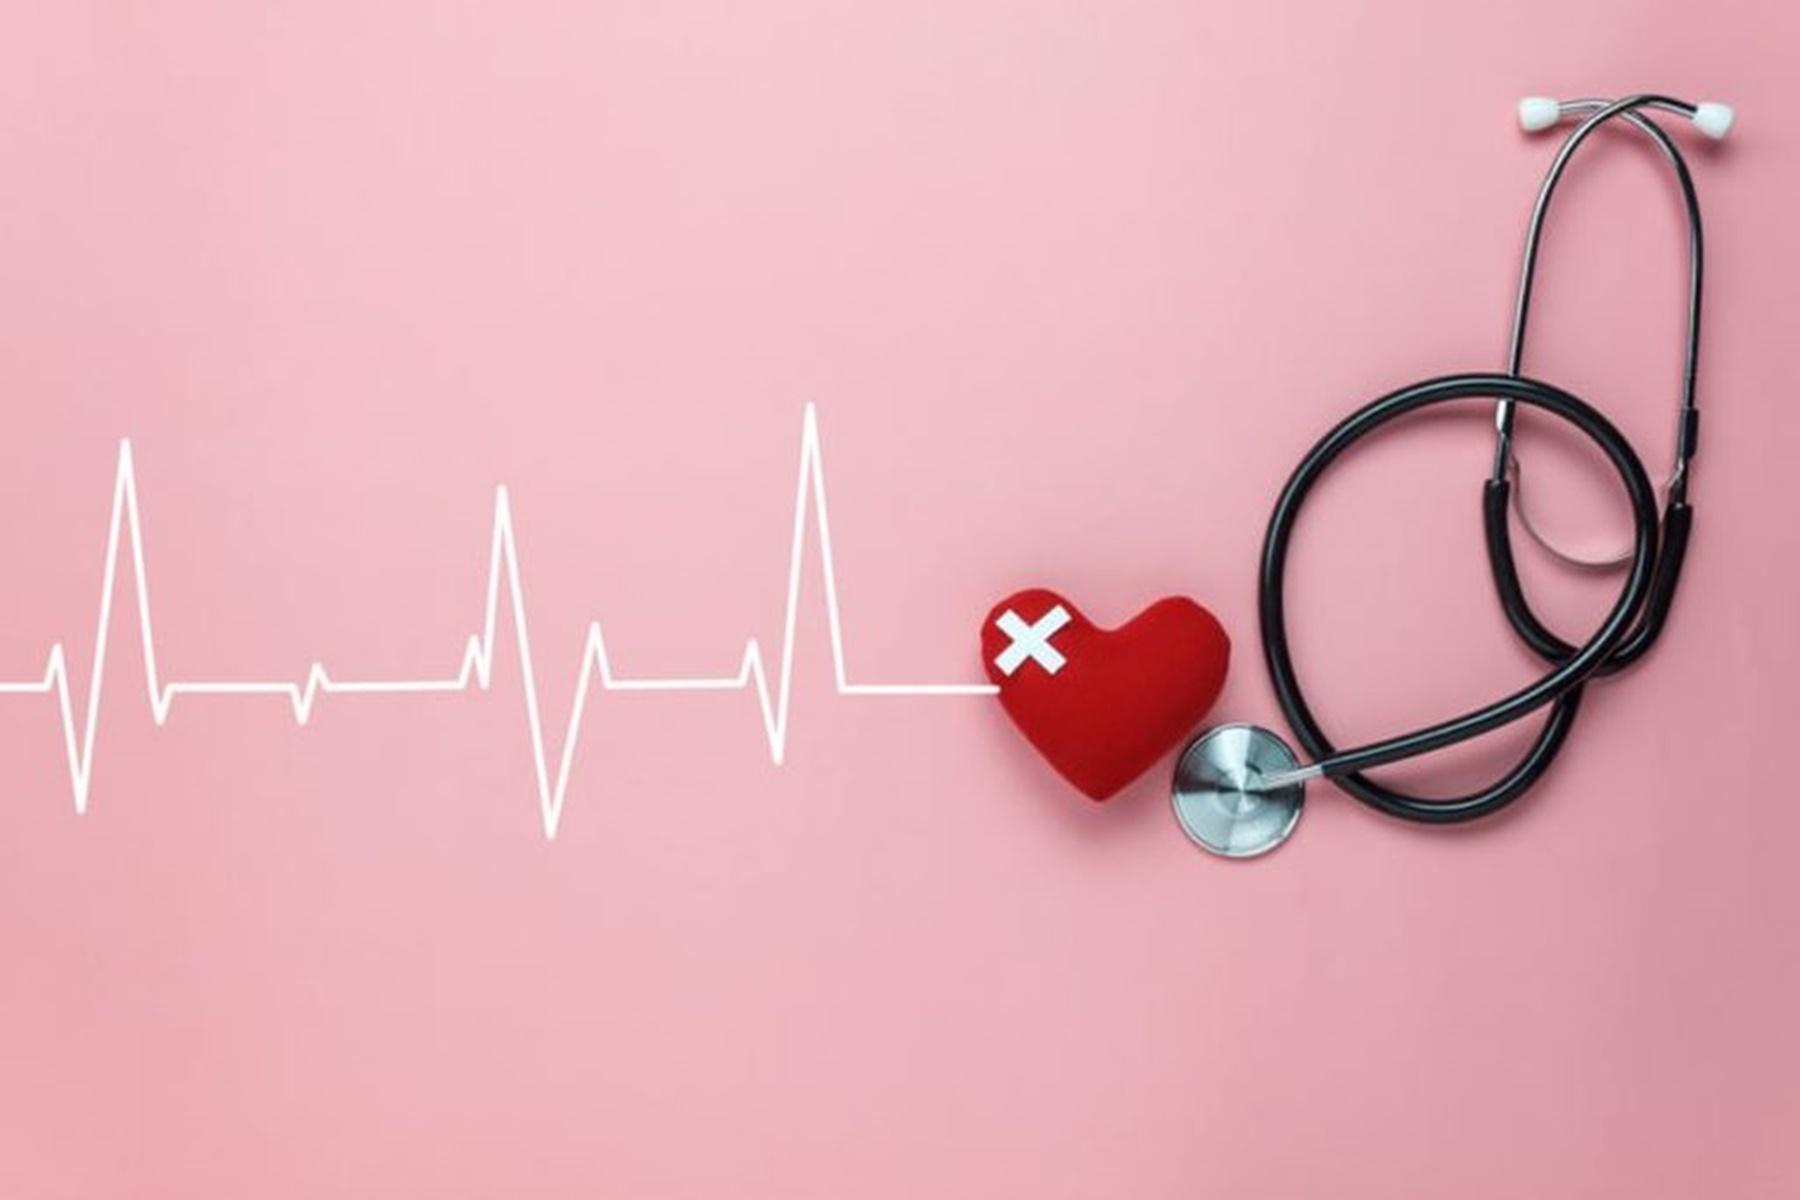 Καρδιακές παθήσεις πρόληψη: Έτσι θα έχετε υγιή εγκυμοσύνη